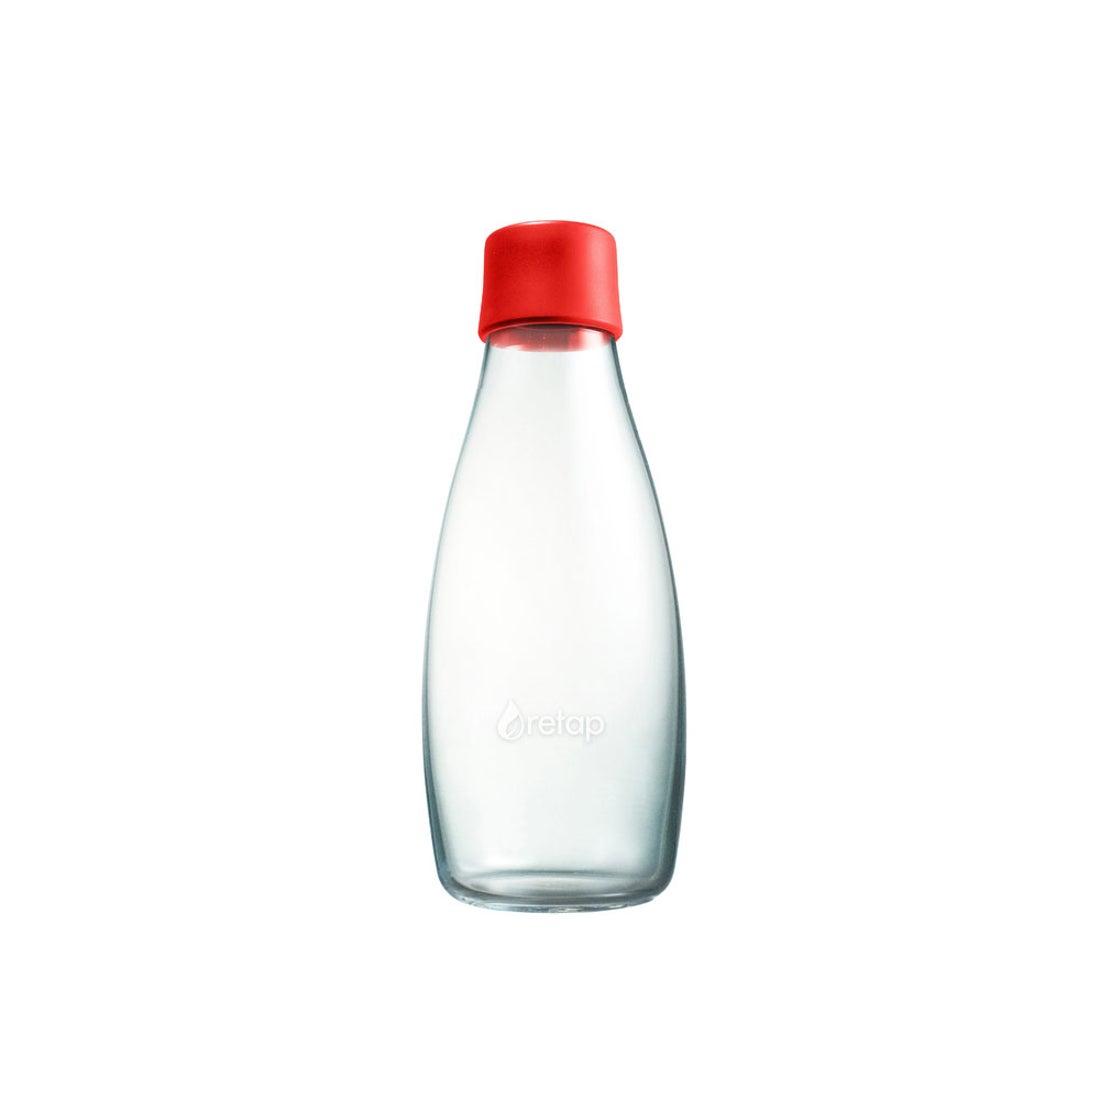 ノーブランド No Brand retapbottle05 リタップボトル 500ml (レッド)